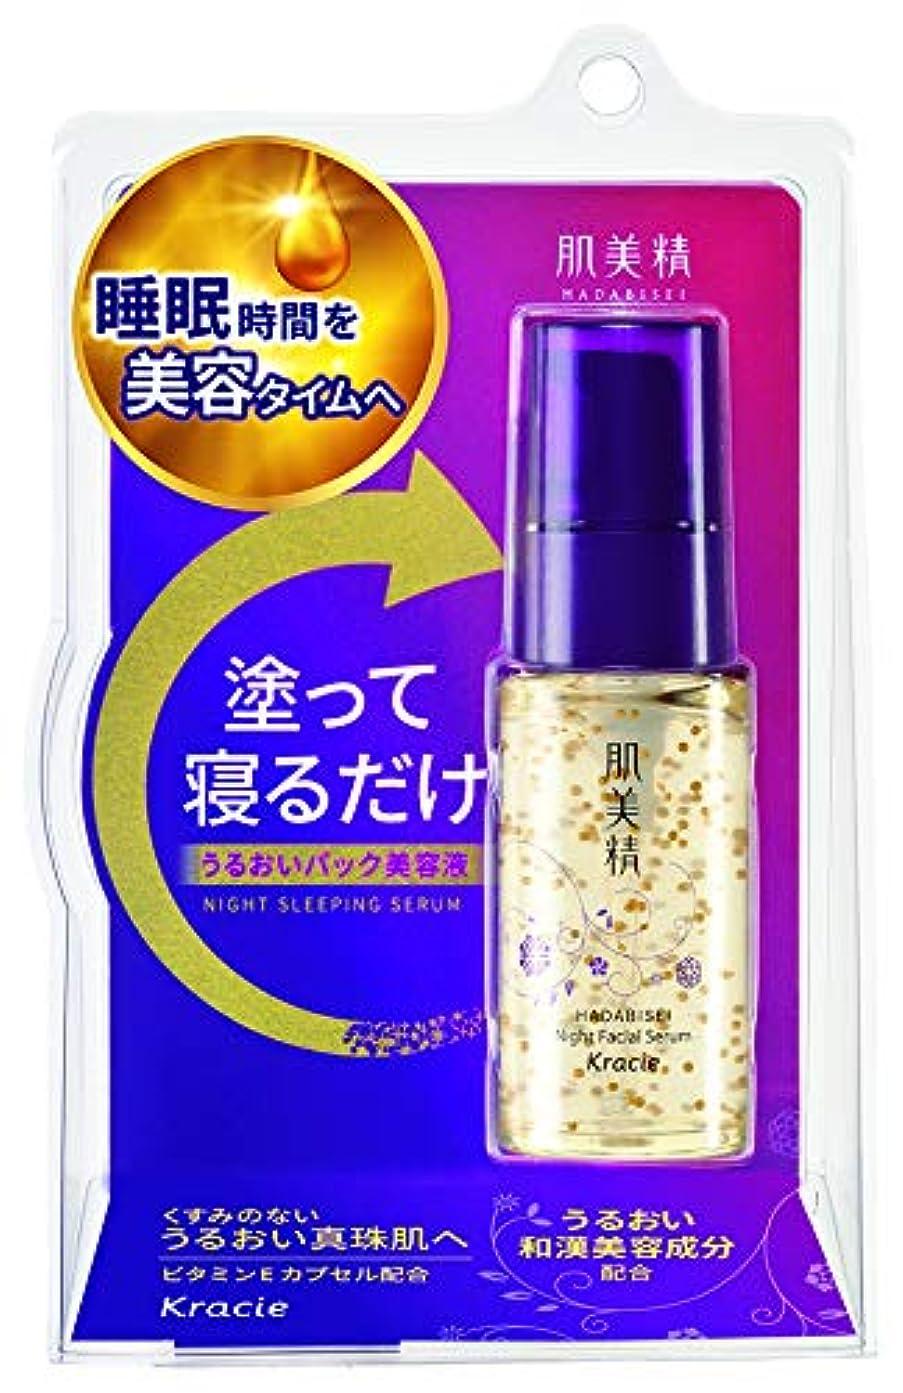 パス不適切なブラジャー肌美精 ターニングケア保湿 ナイトスリーピングセラム美容液30g ビタミンEカプセル配合